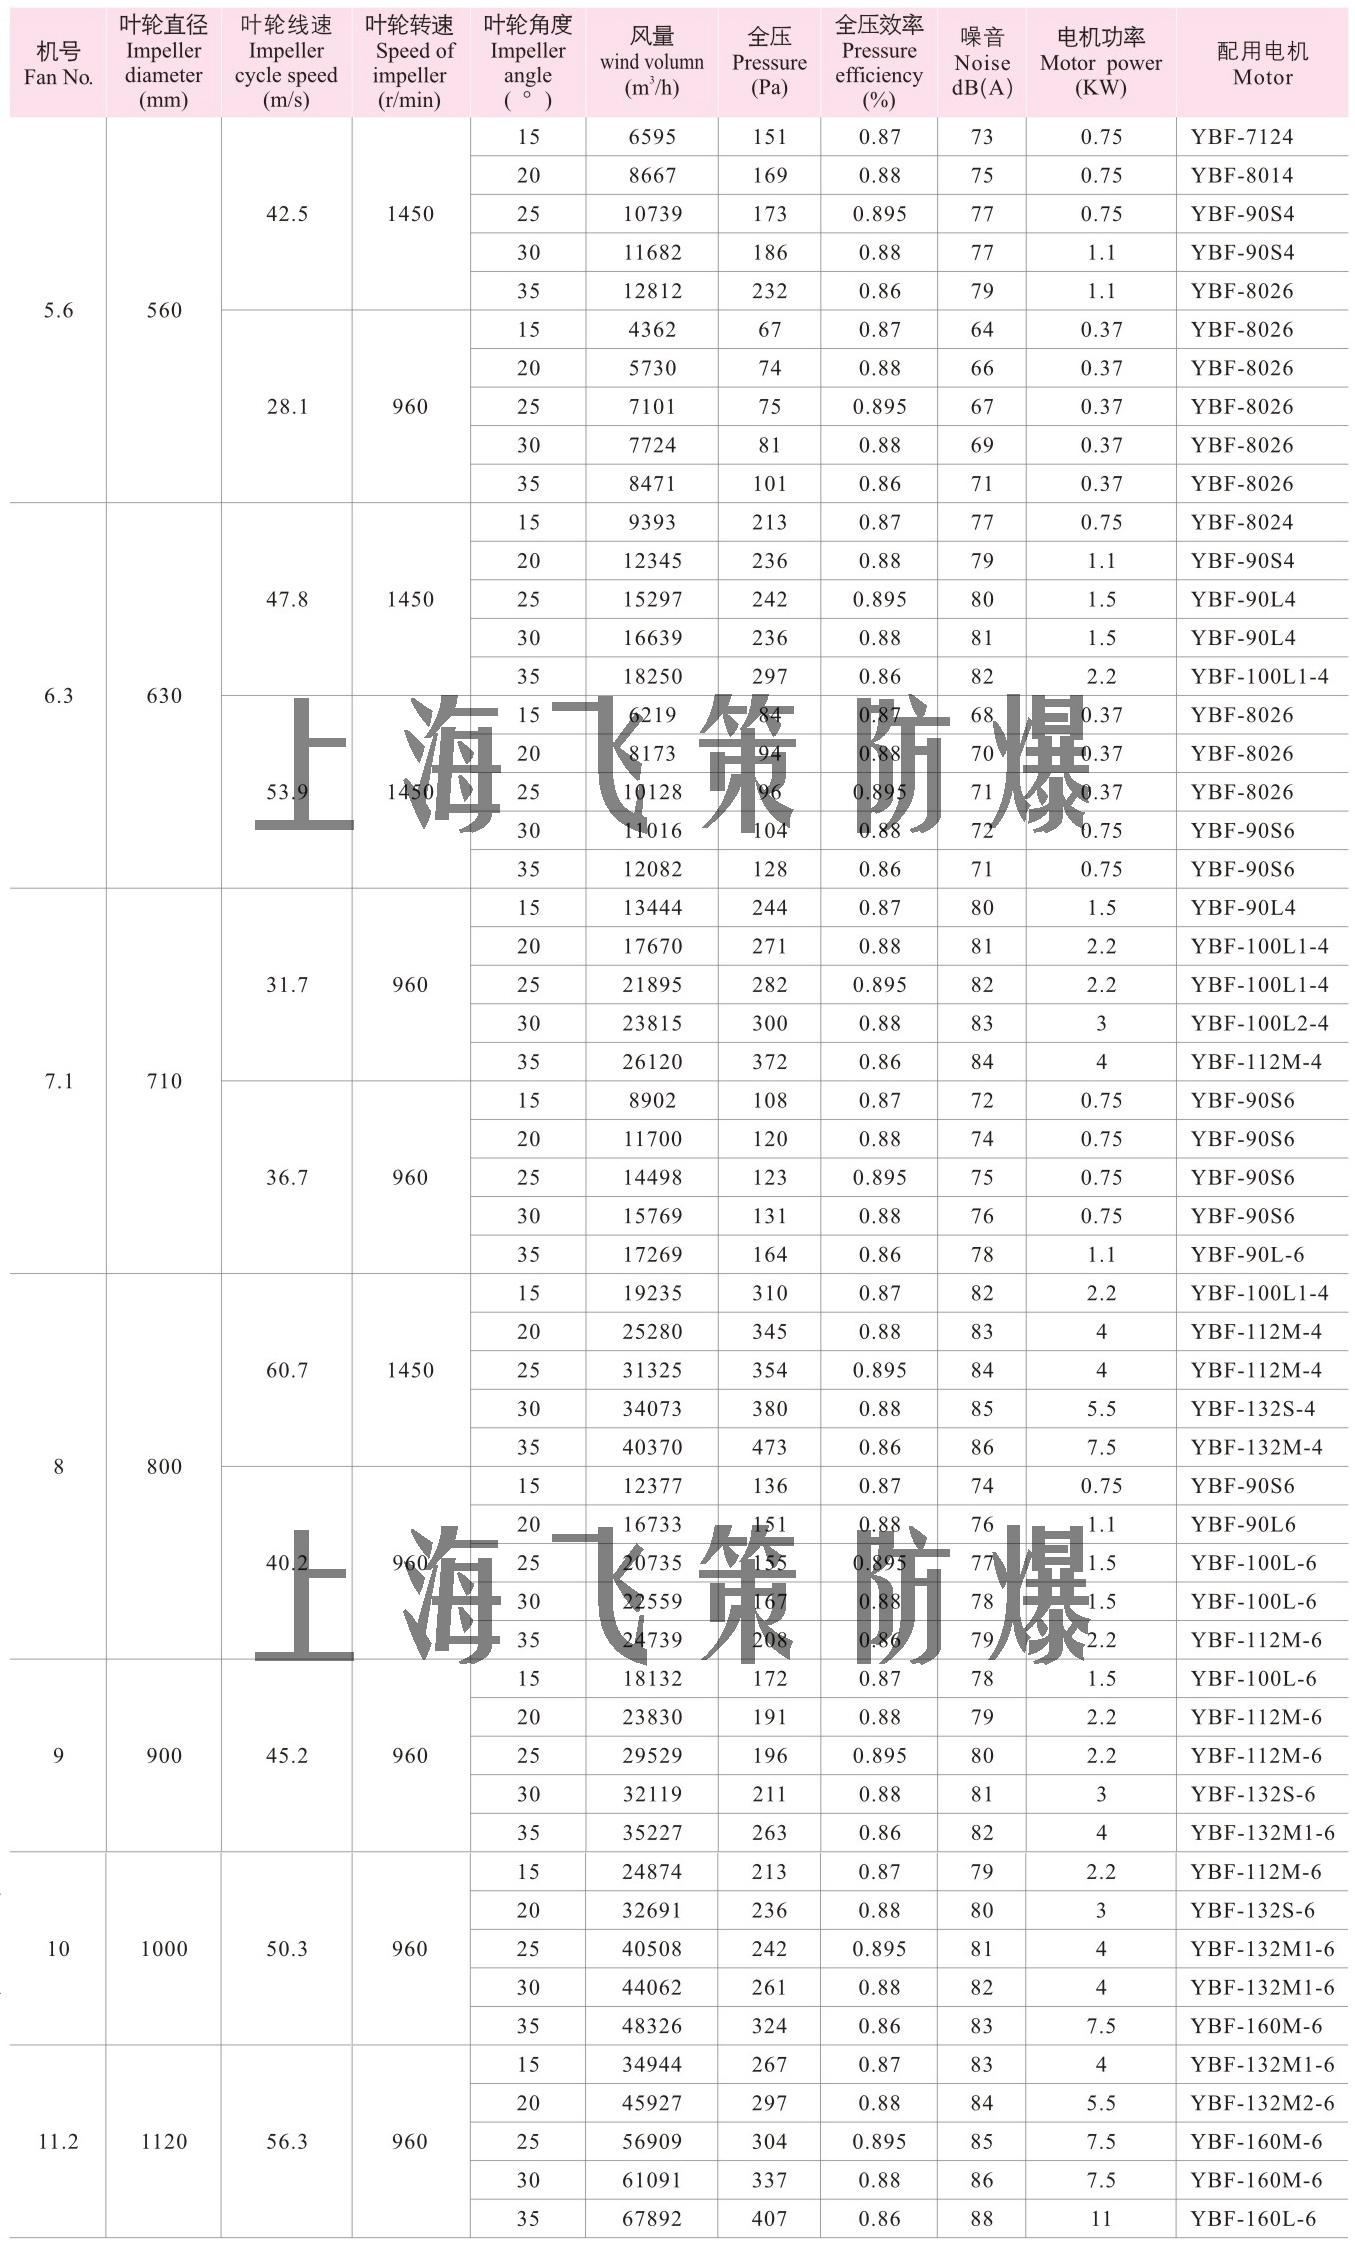 机电之家网 产品信息 电工电气 防爆电器 >上海飞策bt35防爆轴流风机